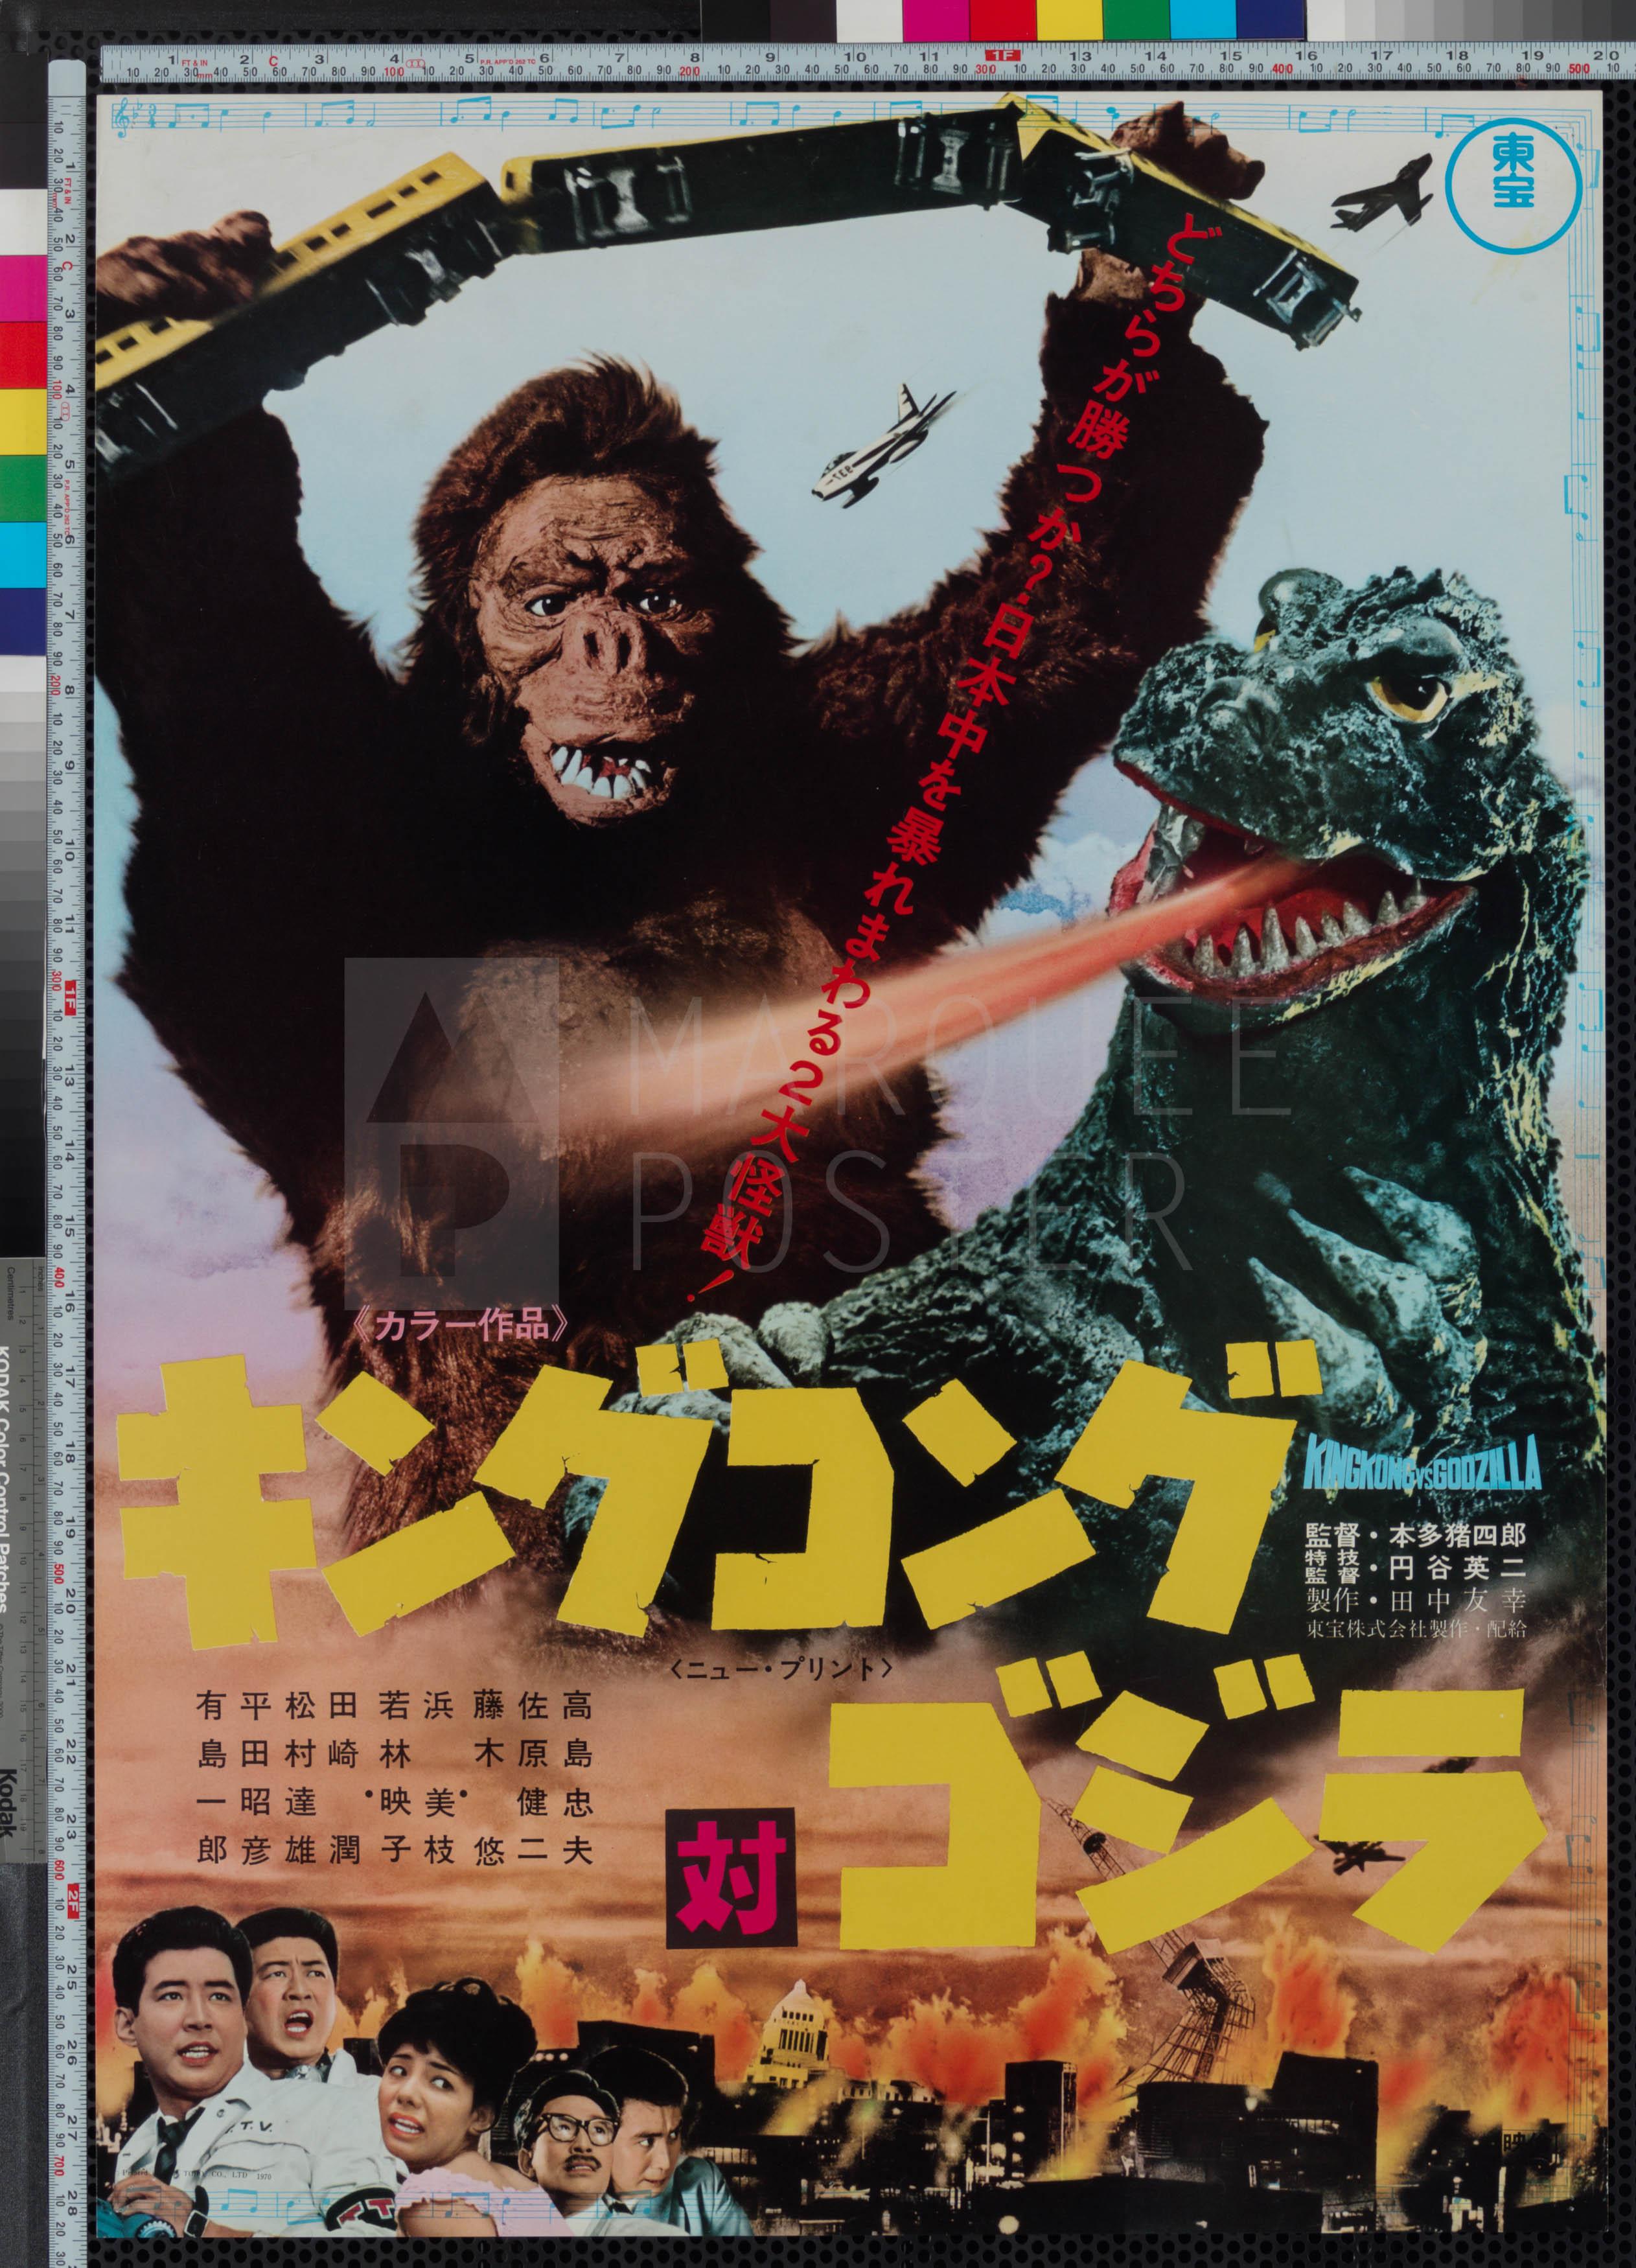 22-king-kong-vs-godzilla-re-release-japanese-b2-1970-02